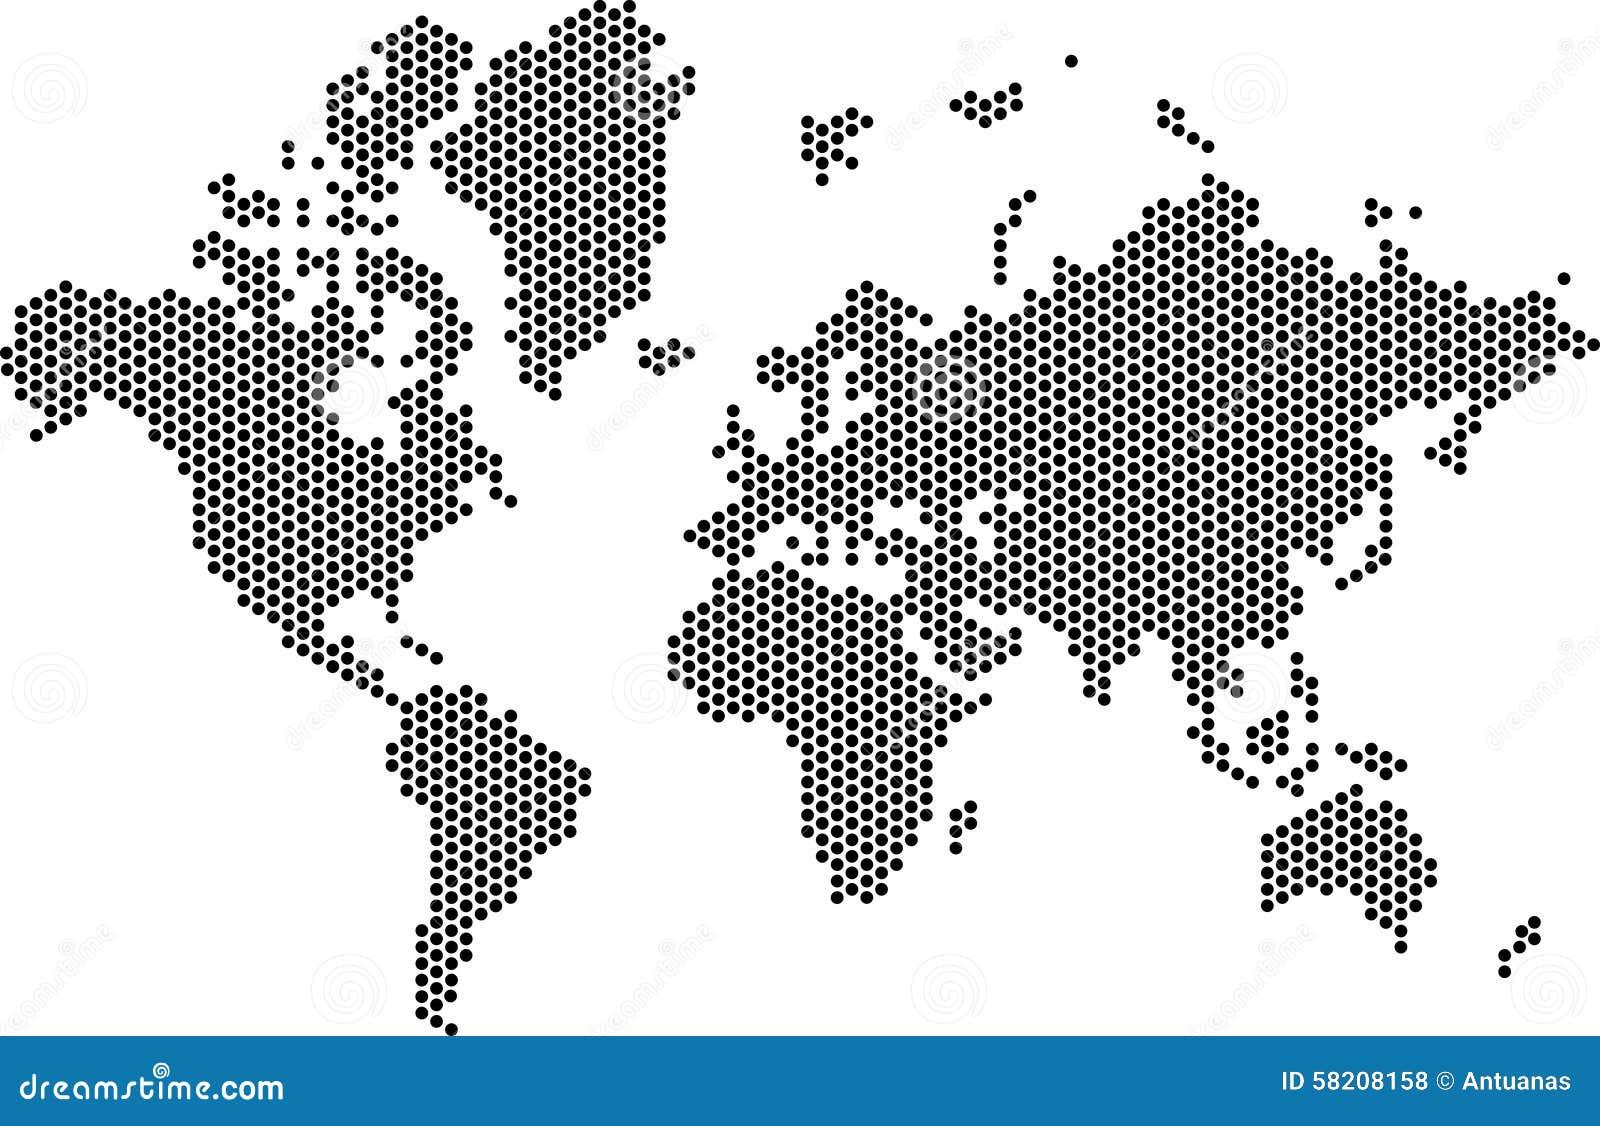 Kropkowany mapa świata